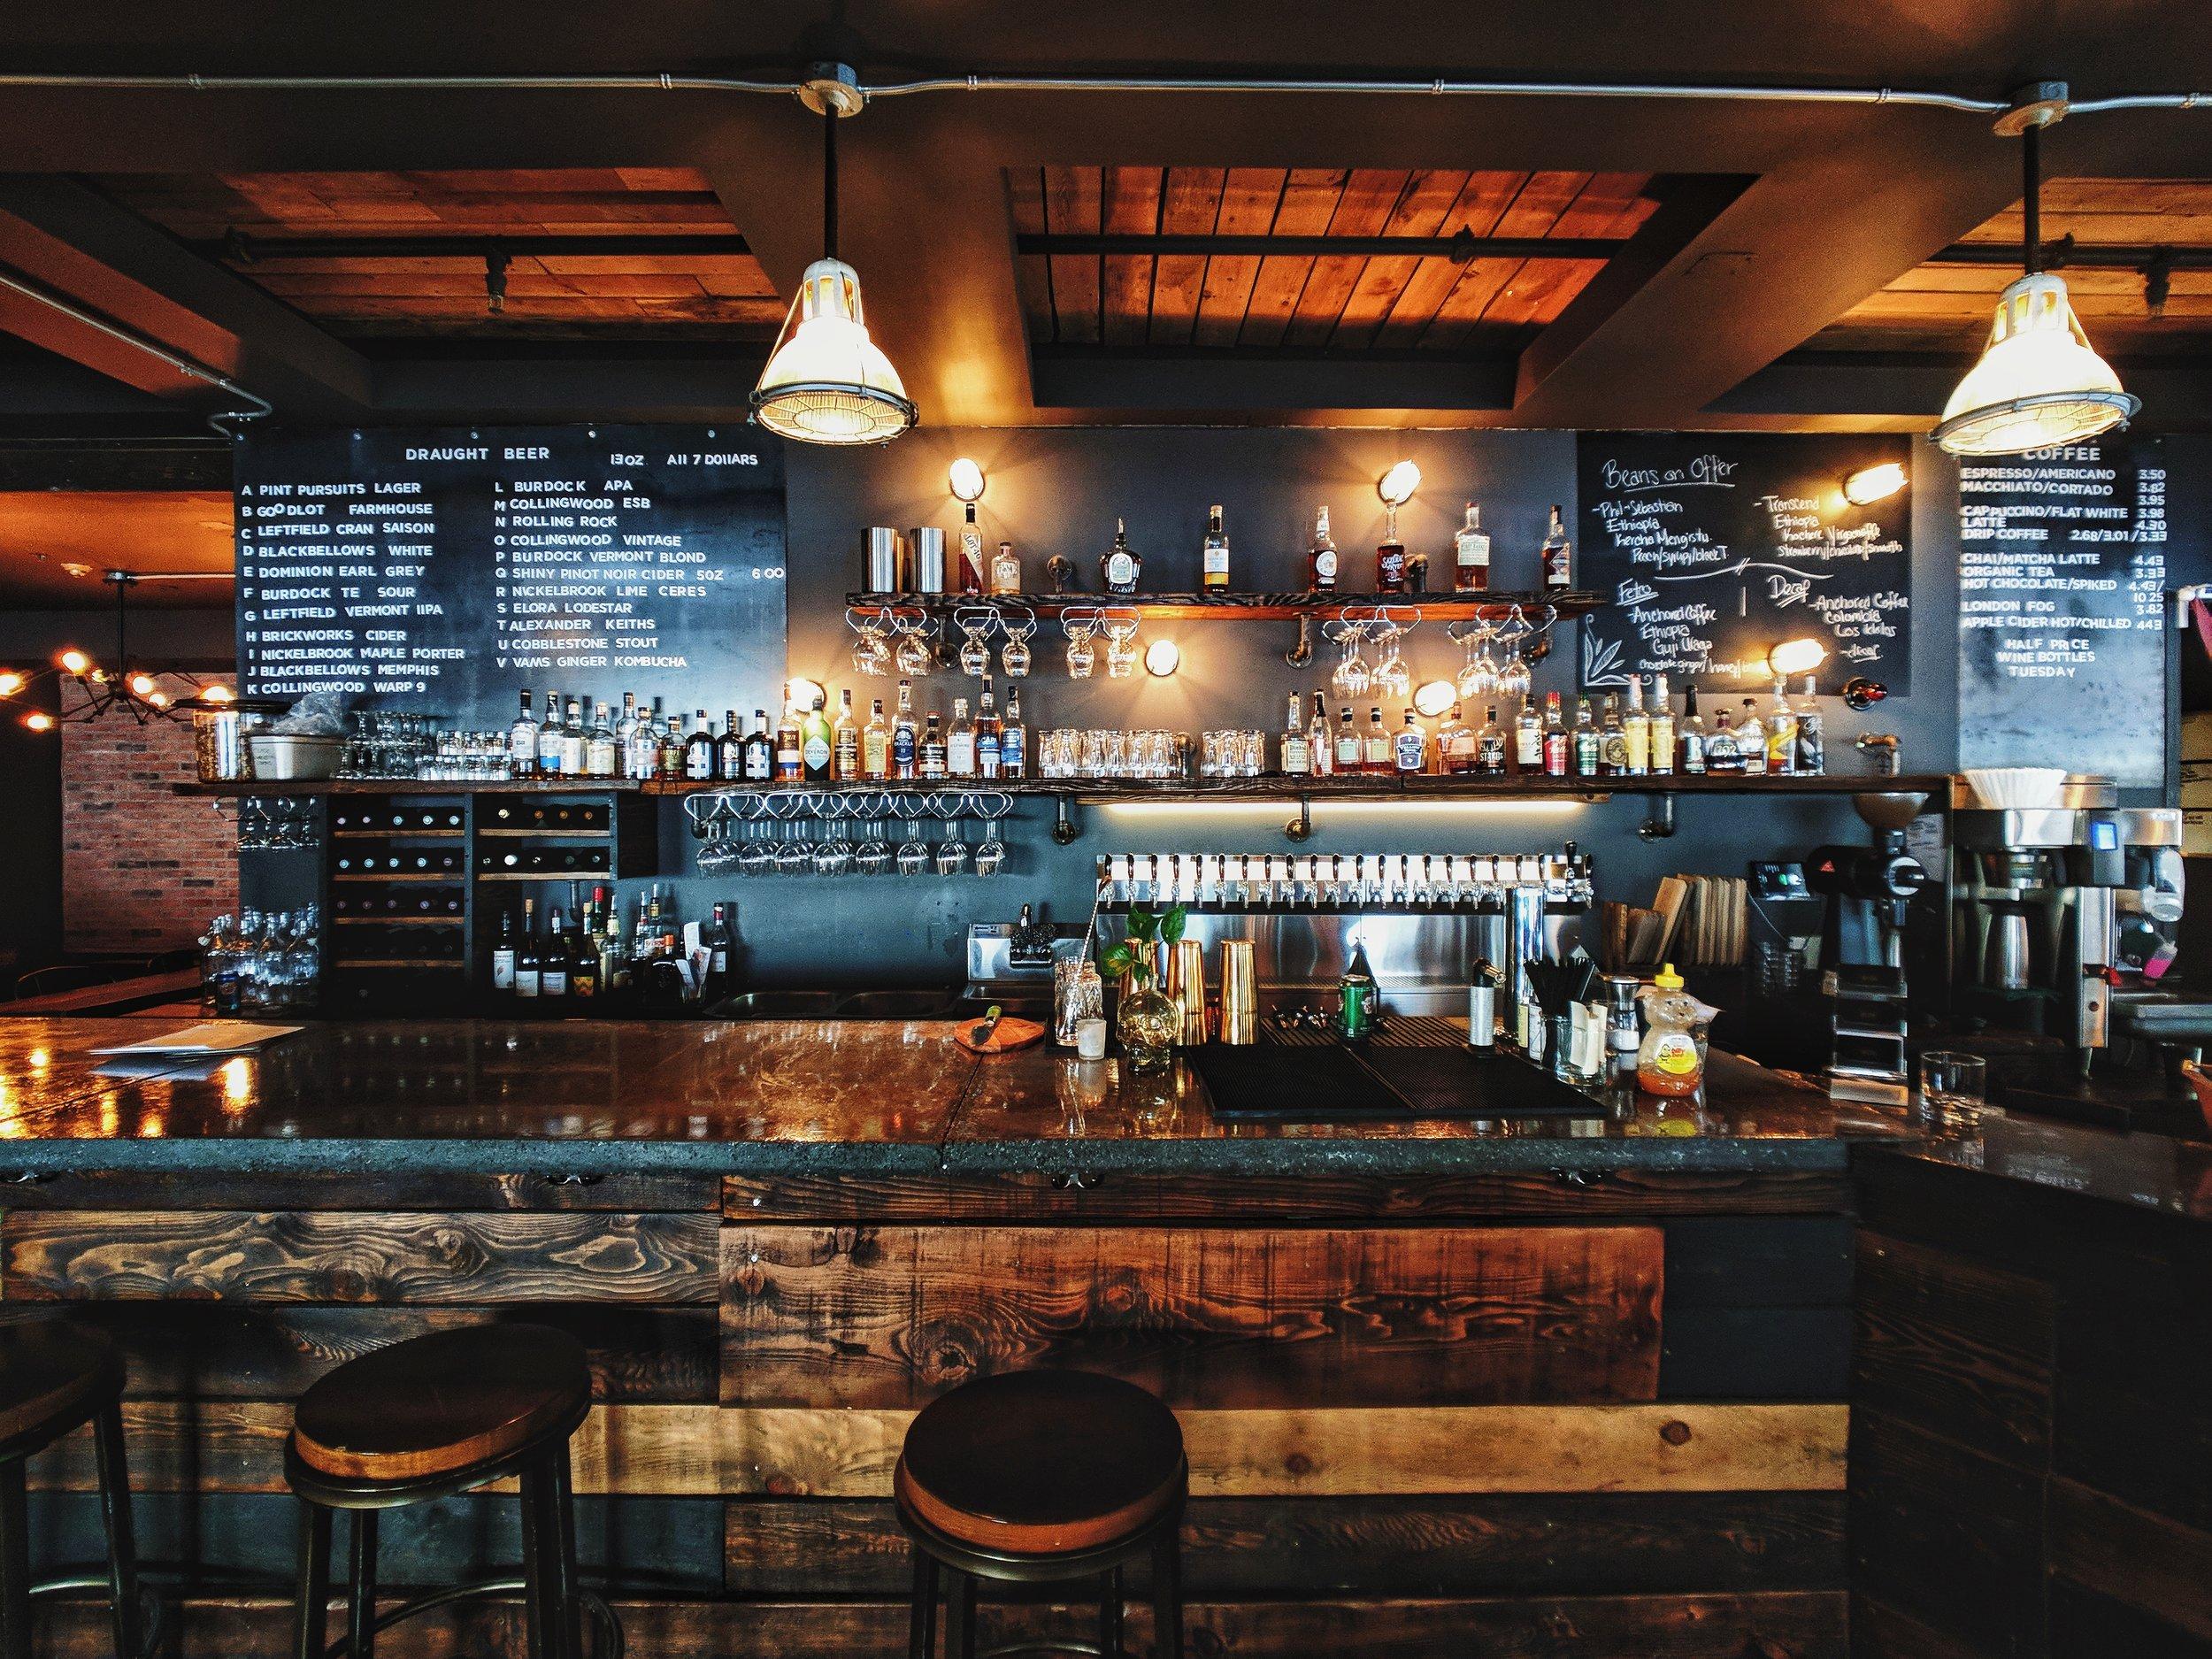 Mateo va a un bar en el centro de Tegucigalpa, la capital de Honduras.